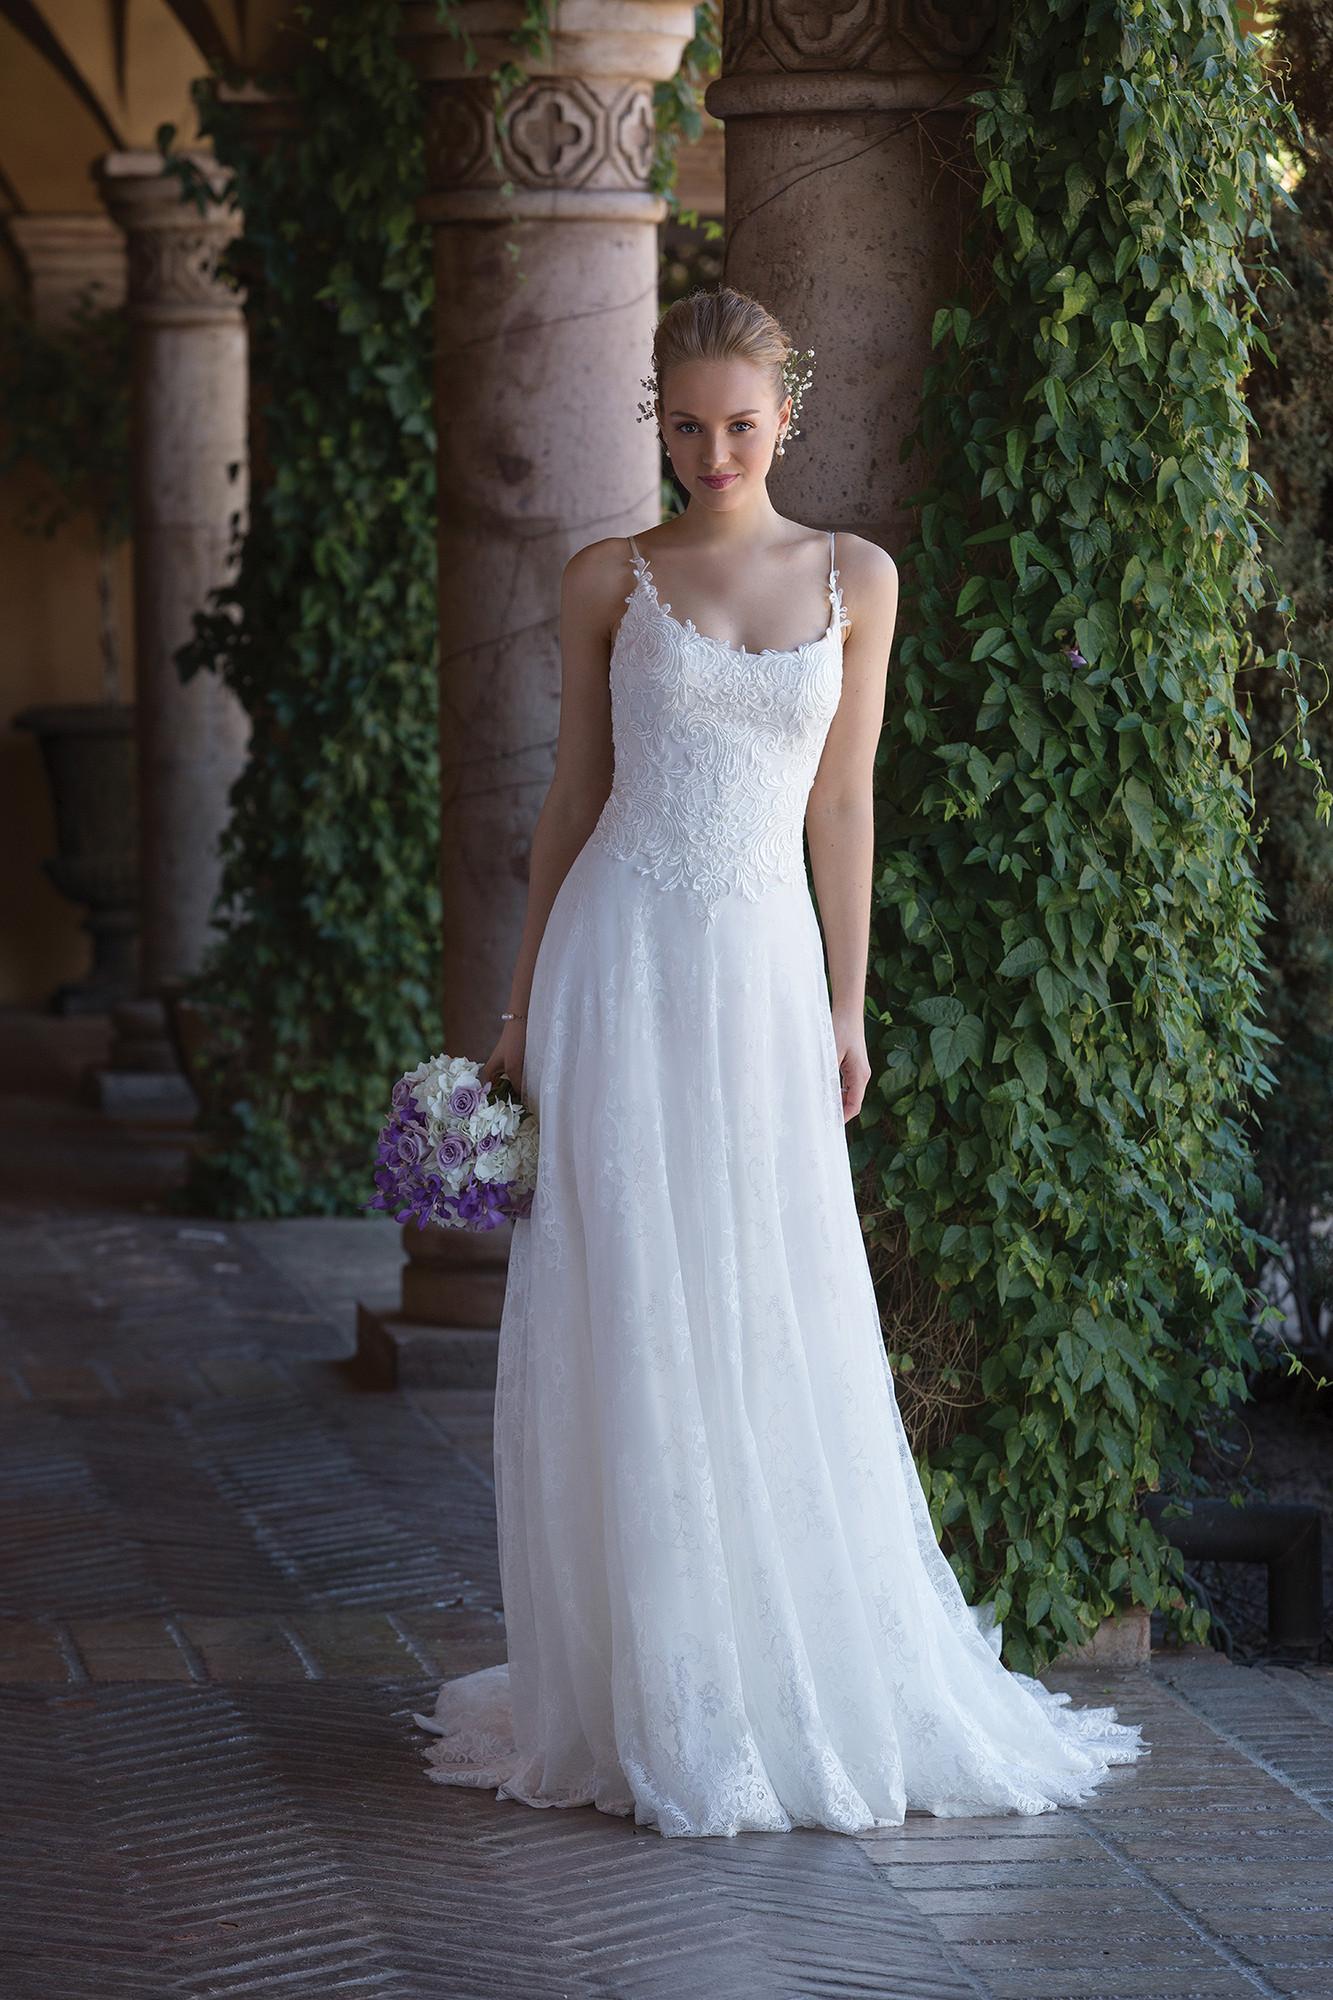 Wedding Dresses by Sincerity Bridal - 4004 - Weddingwire.ca - photo #43